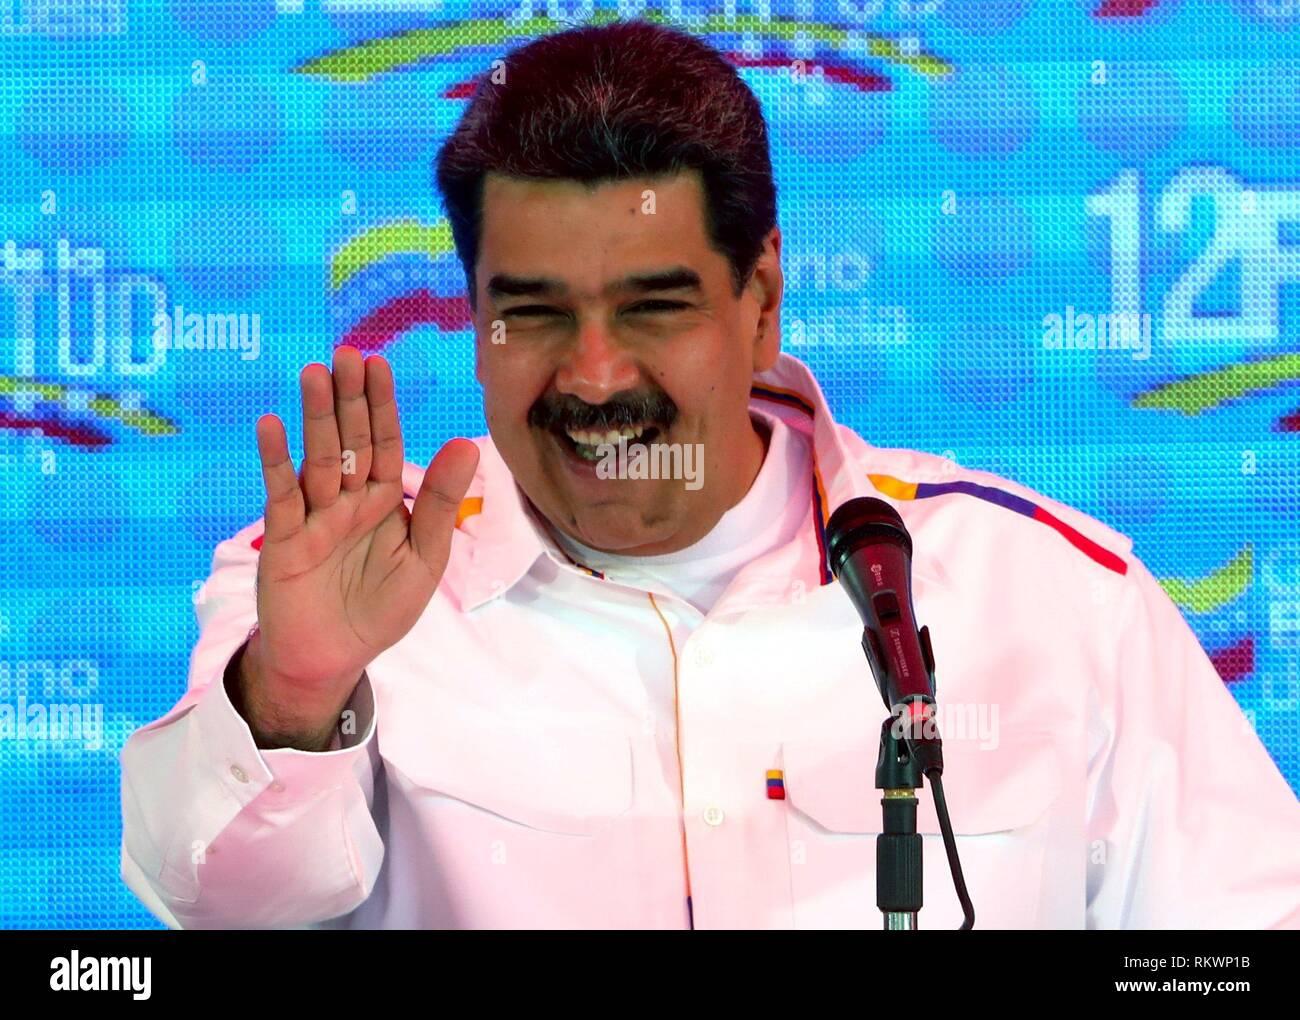 Caracas, Venezuela. 12 Février, 2019. Le président vénézuélien Nicolas Maduro prononce un discours lors d'une démonstration à l'appui de son gouvernement, à Caracas, Venezuela, 12 février 2019. Partisans et détracteurs du Président Maduro est allé à des rues dans multitudinary marches. Photo: EFE News Agency/Alamy Live News Photo Stock